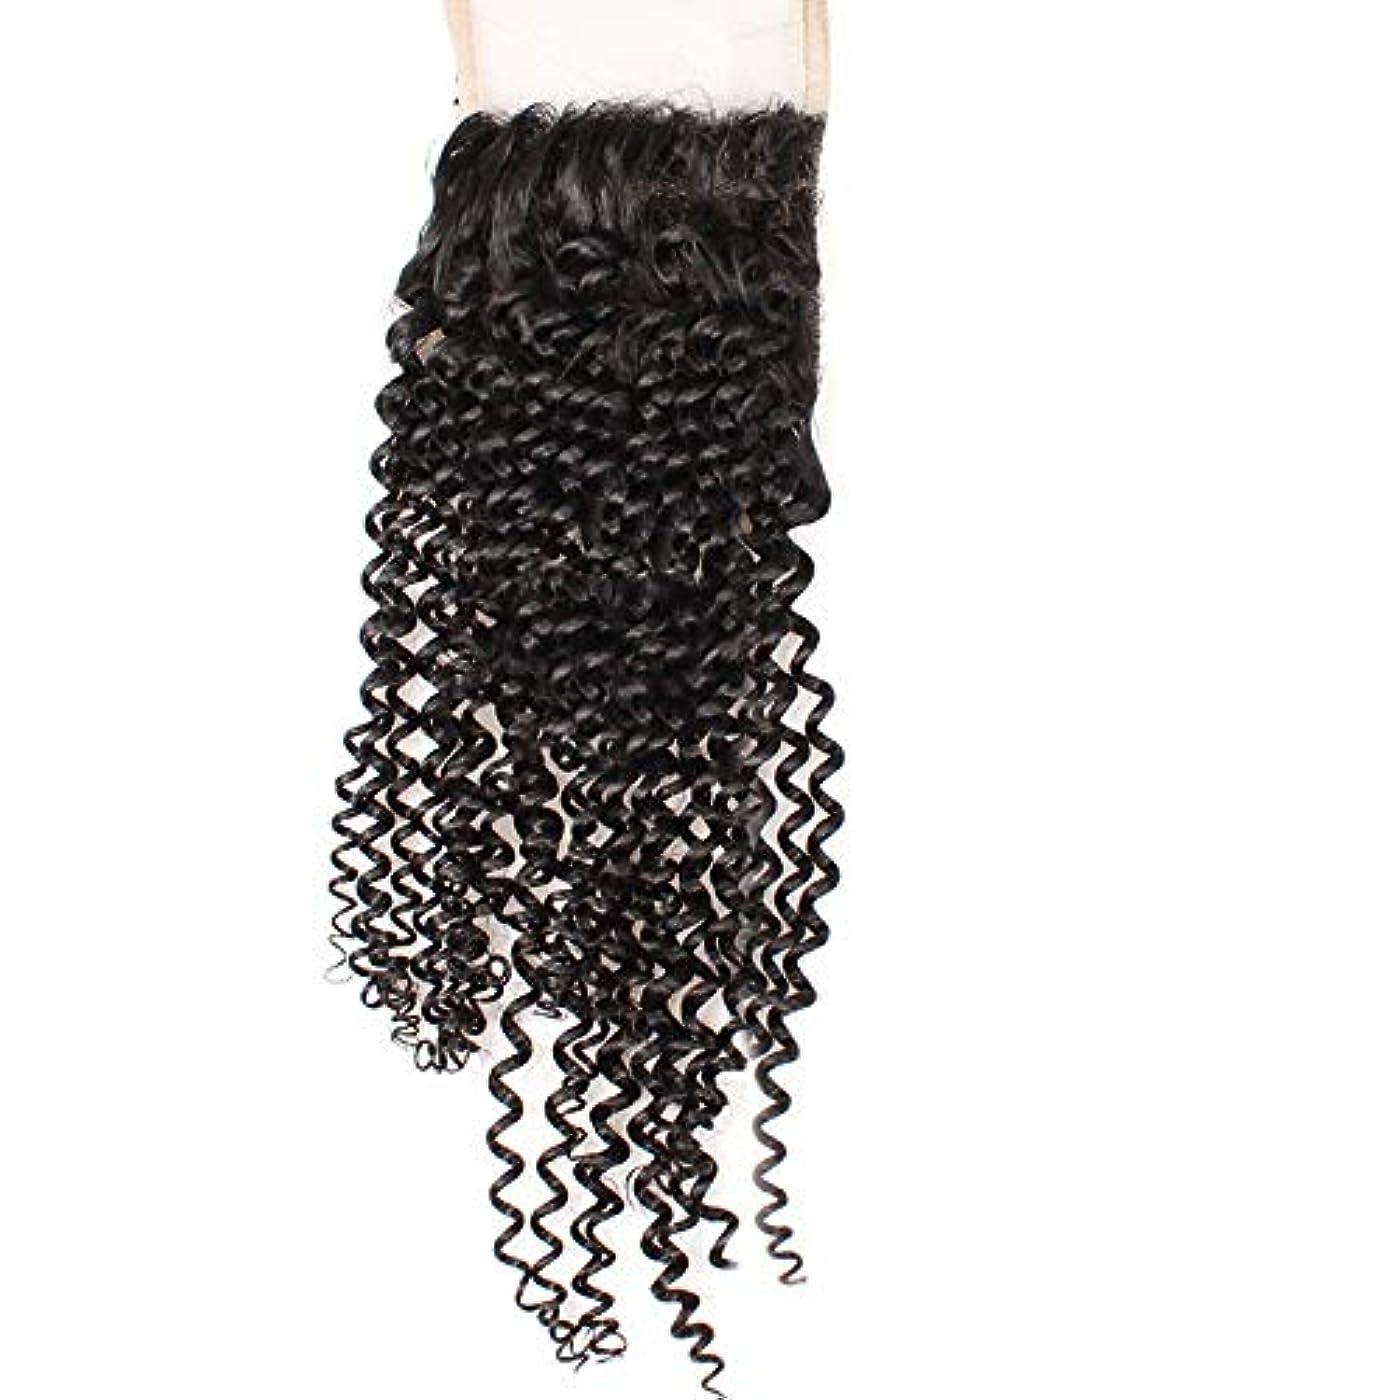 理想的シャワーちらつきHOHYLLYA 4×4フリーパートレース前頭閉鎖9Aブラジル髪変態カーリーレース閉鎖ロールプレイングかつら女性の自然なかつら (色 : 黒, サイズ : 14 inch)